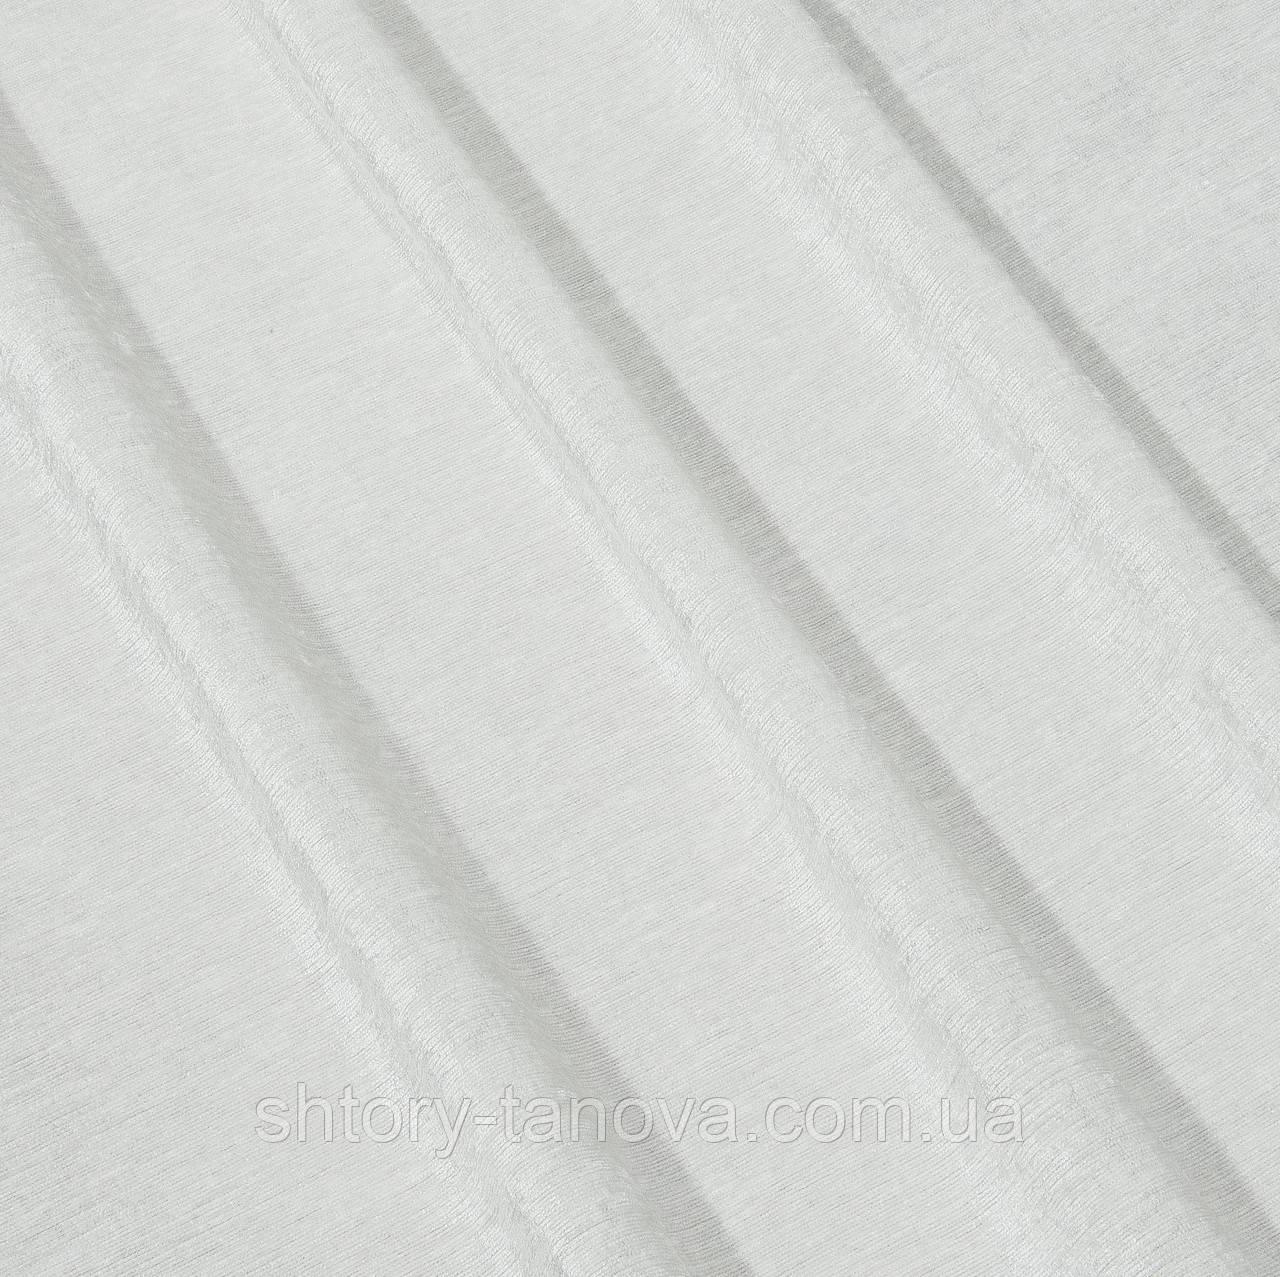 Ткань шинил на шторы купить как высчитать плотность ткани по весу и метражу